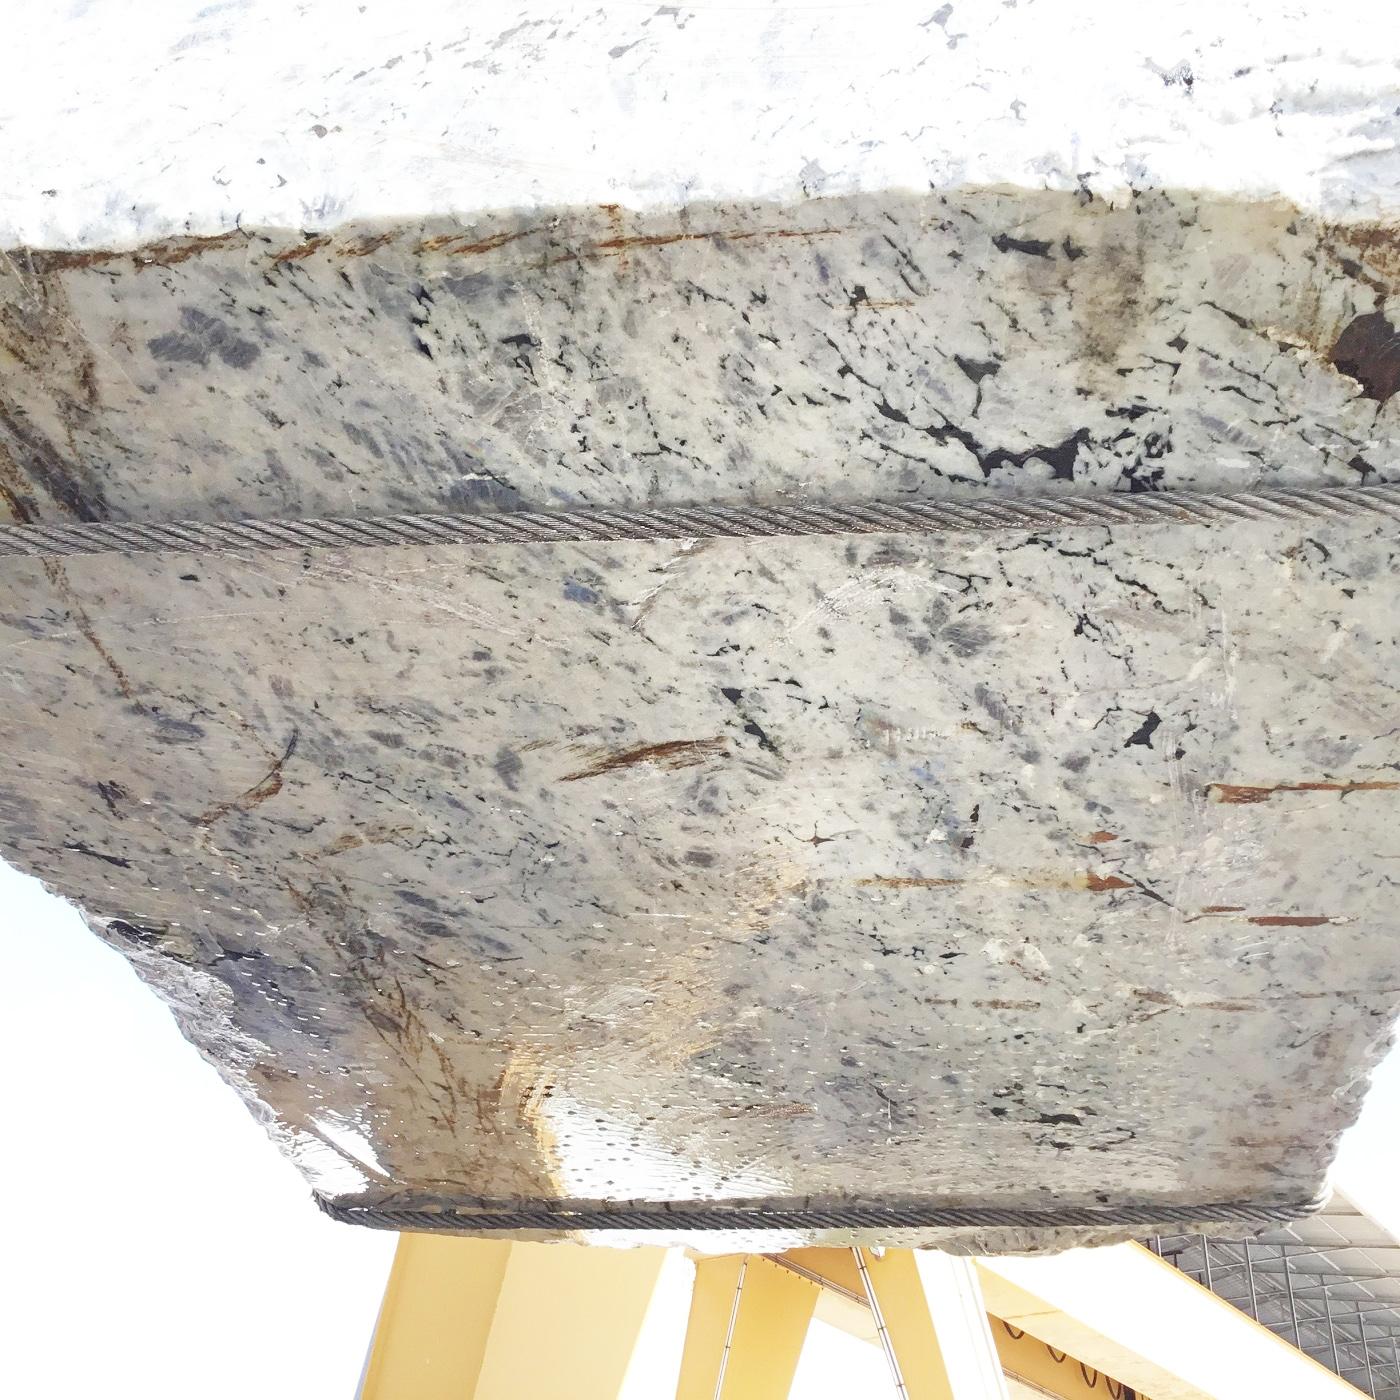 LABRADORITE BIANCA Fornitura Verona (Italia) di blocchi grezzi in labradorite naturale GL D190308 , Face B